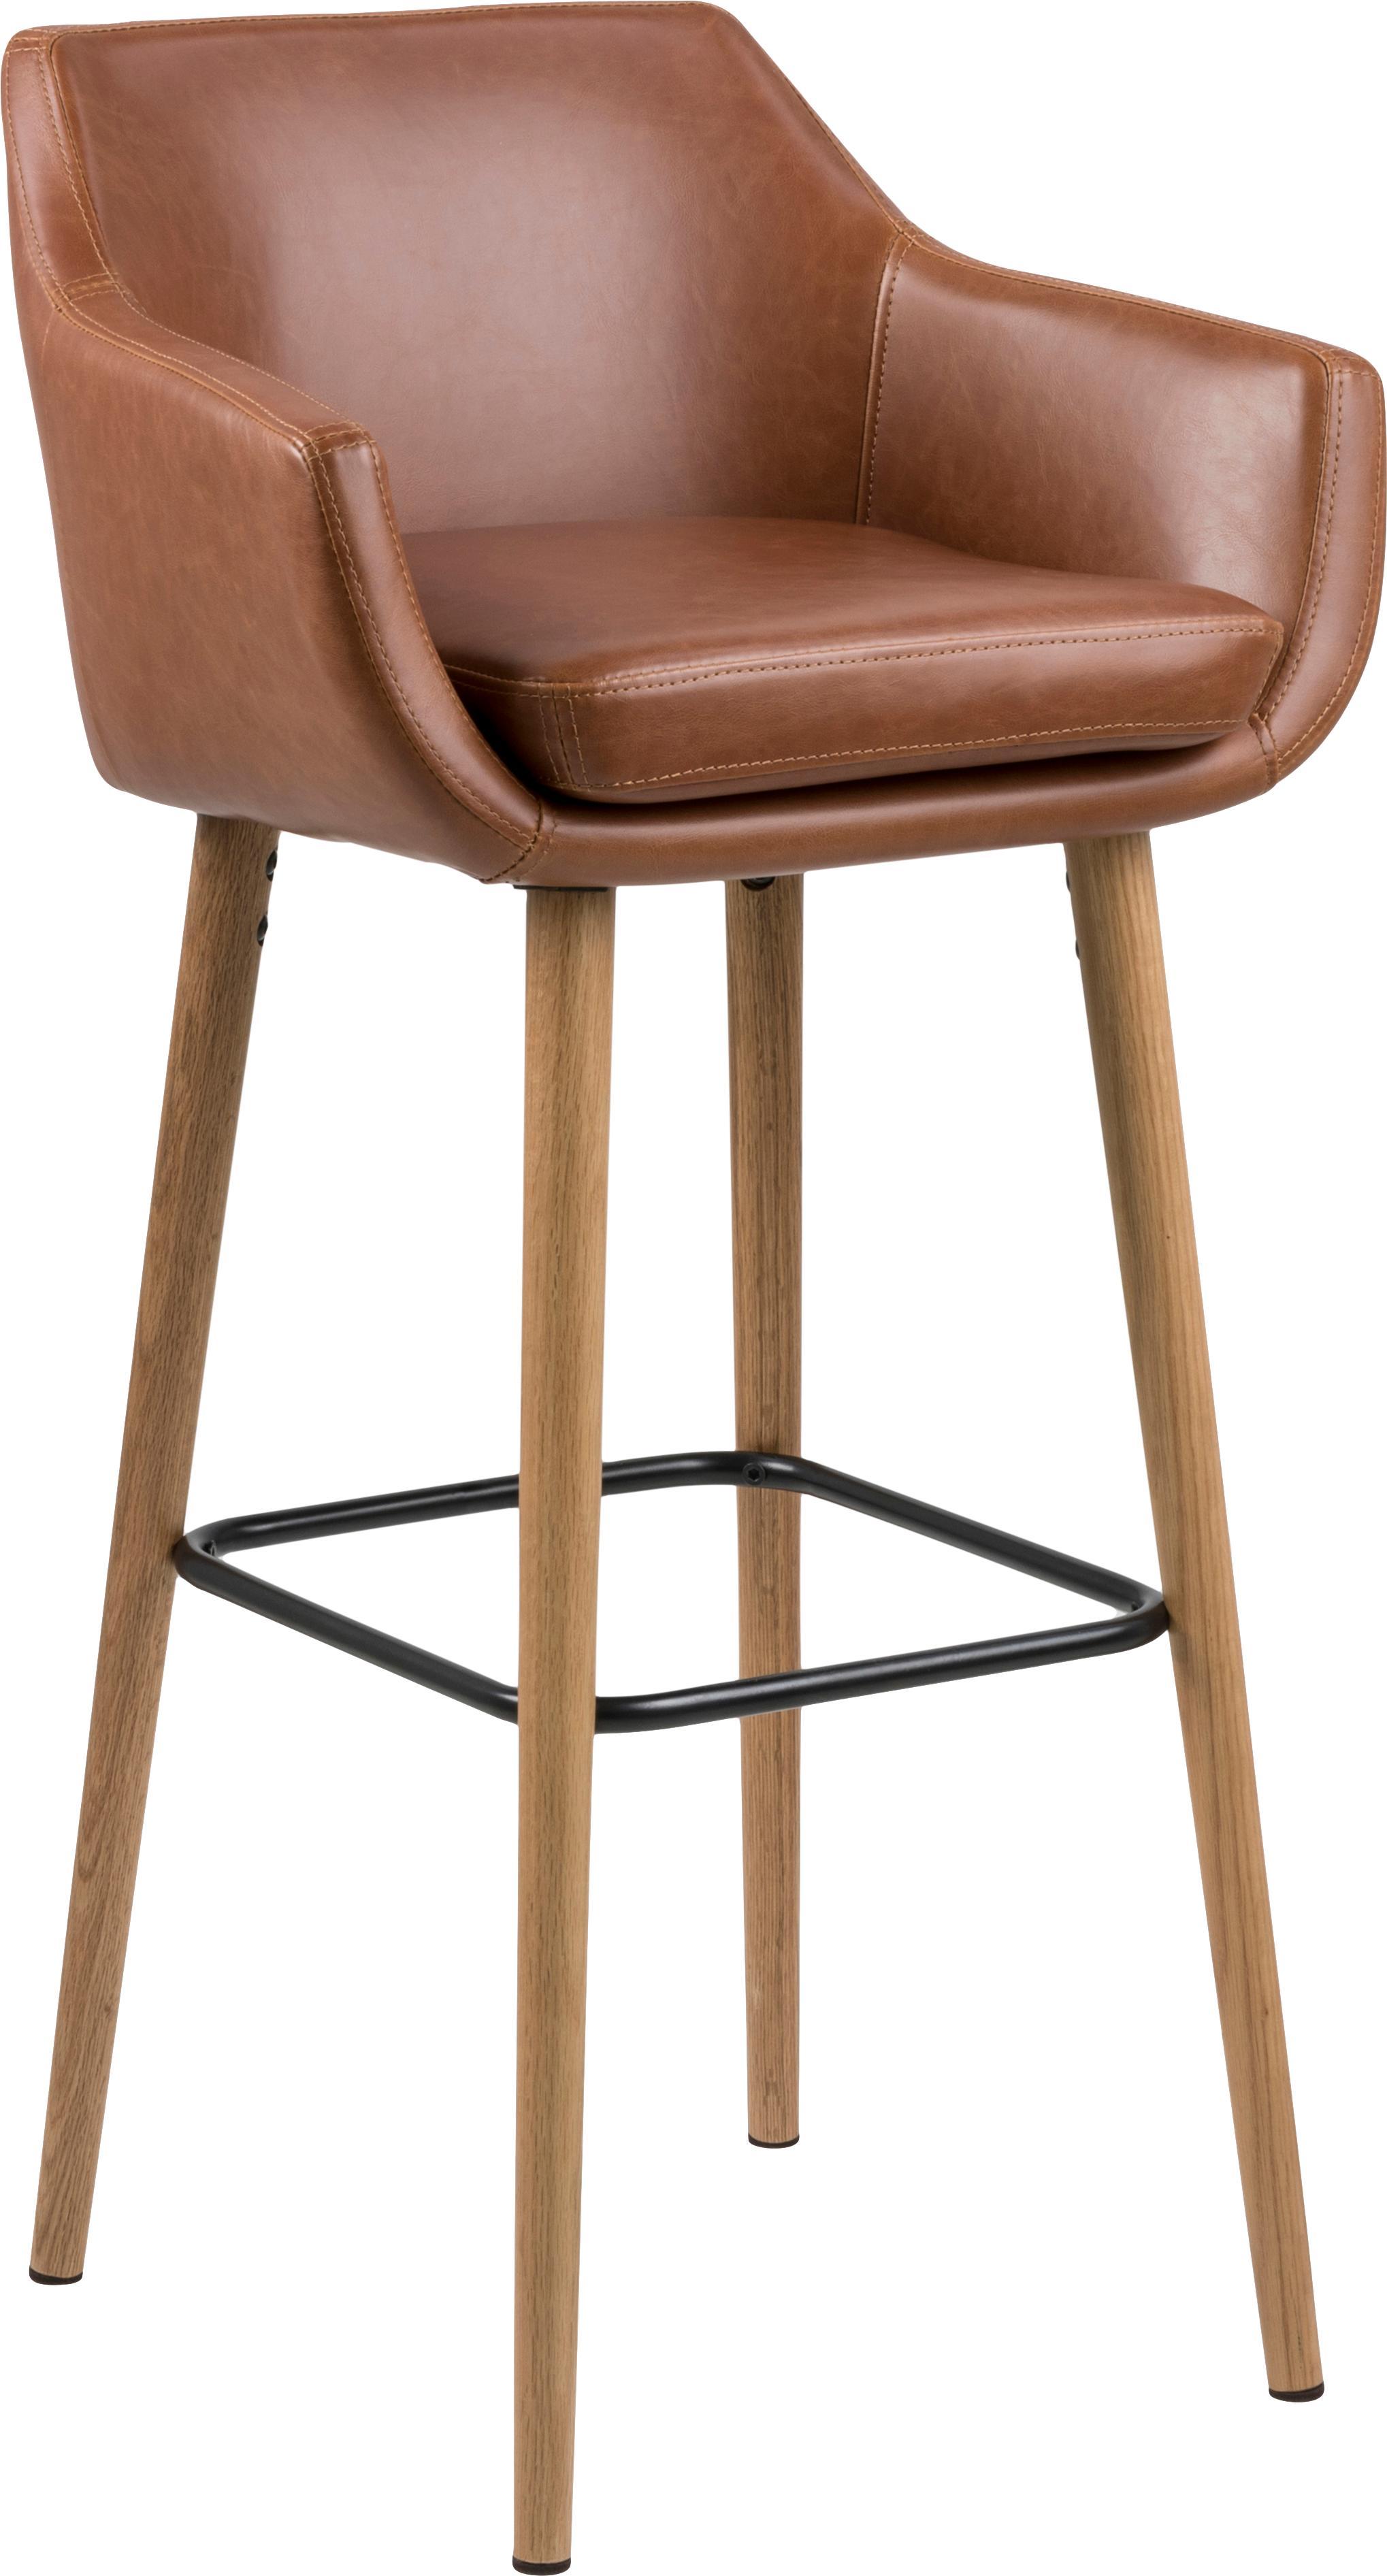 Sedia da bar Nora, Rivestimento: similpelle (poliuretano), Gambe: legno di quercia, trattat, Rivestimento: cognac Gambe: quercia Poggiapiedi: nero, Larg. 55 x Alt. 101 cm